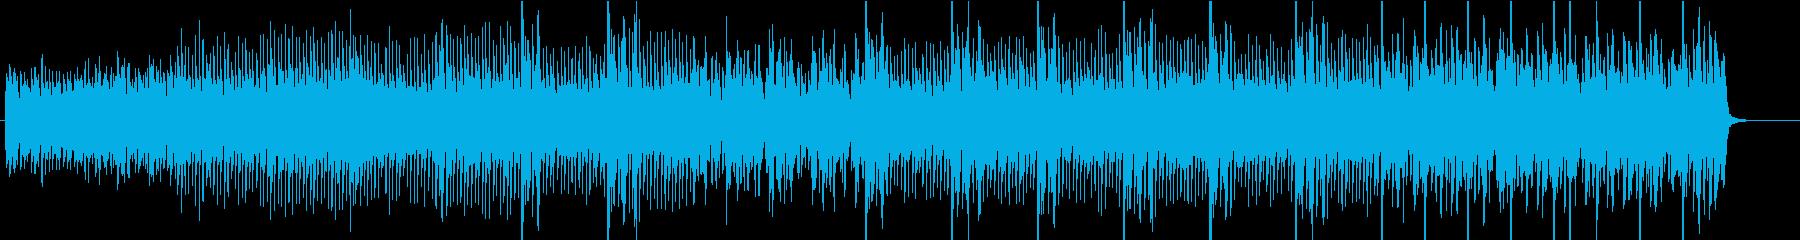 マレット風ピアノの優しいアルペジオ曲の再生済みの波形